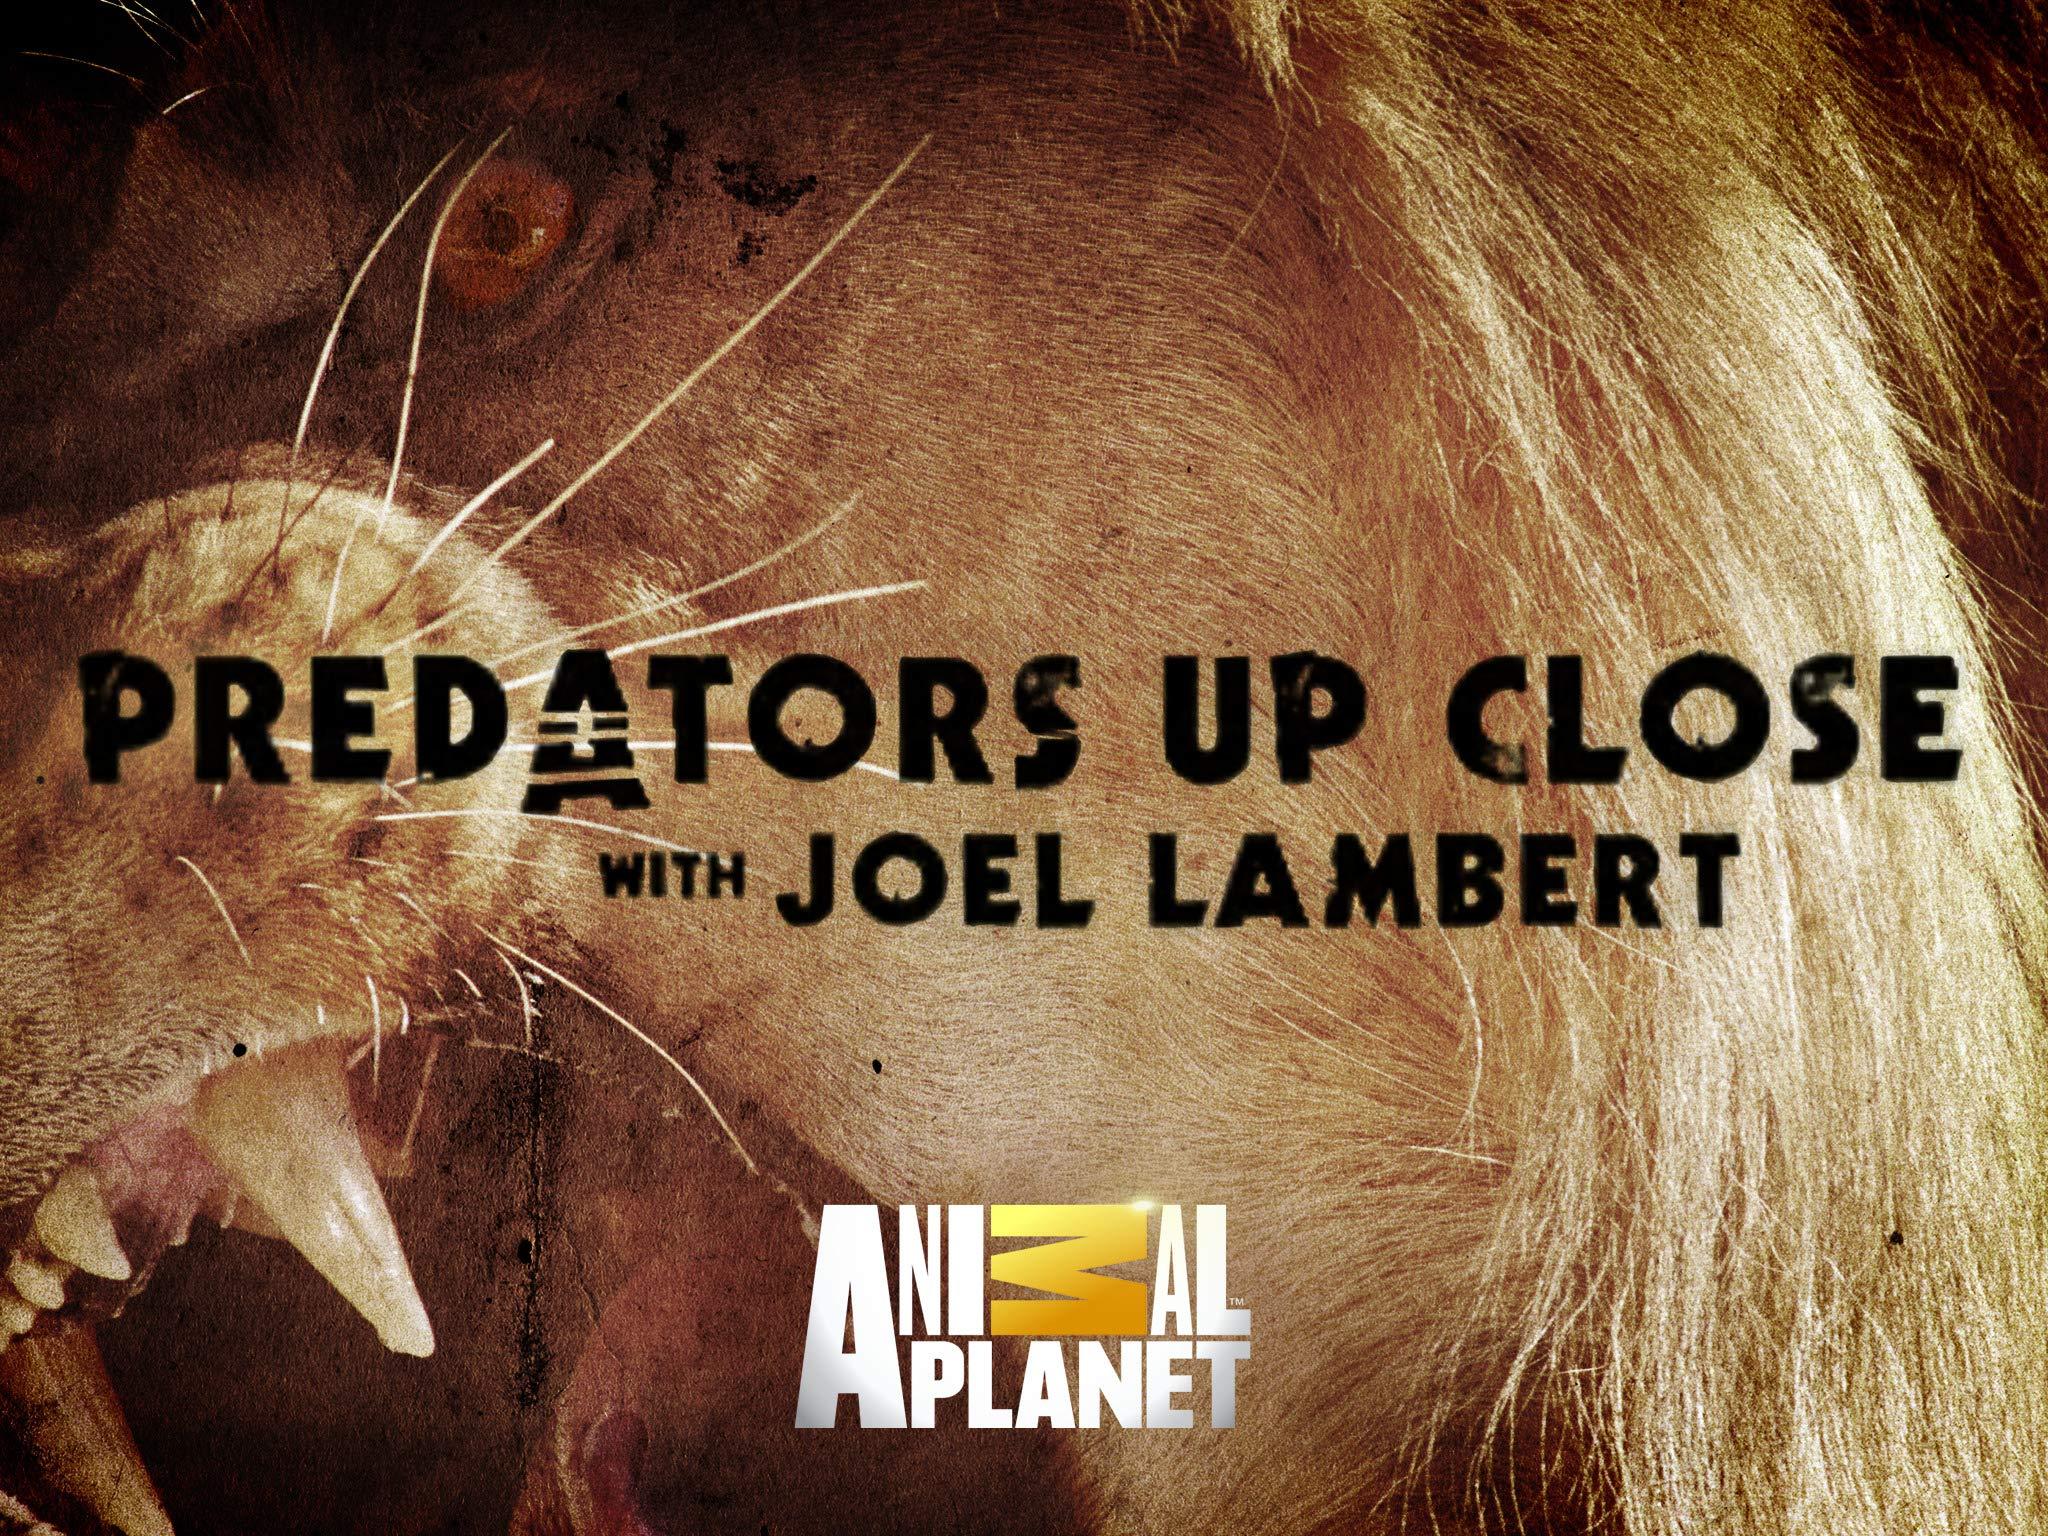 شکارچیان درنده با جوئل لمبرت (مستند)